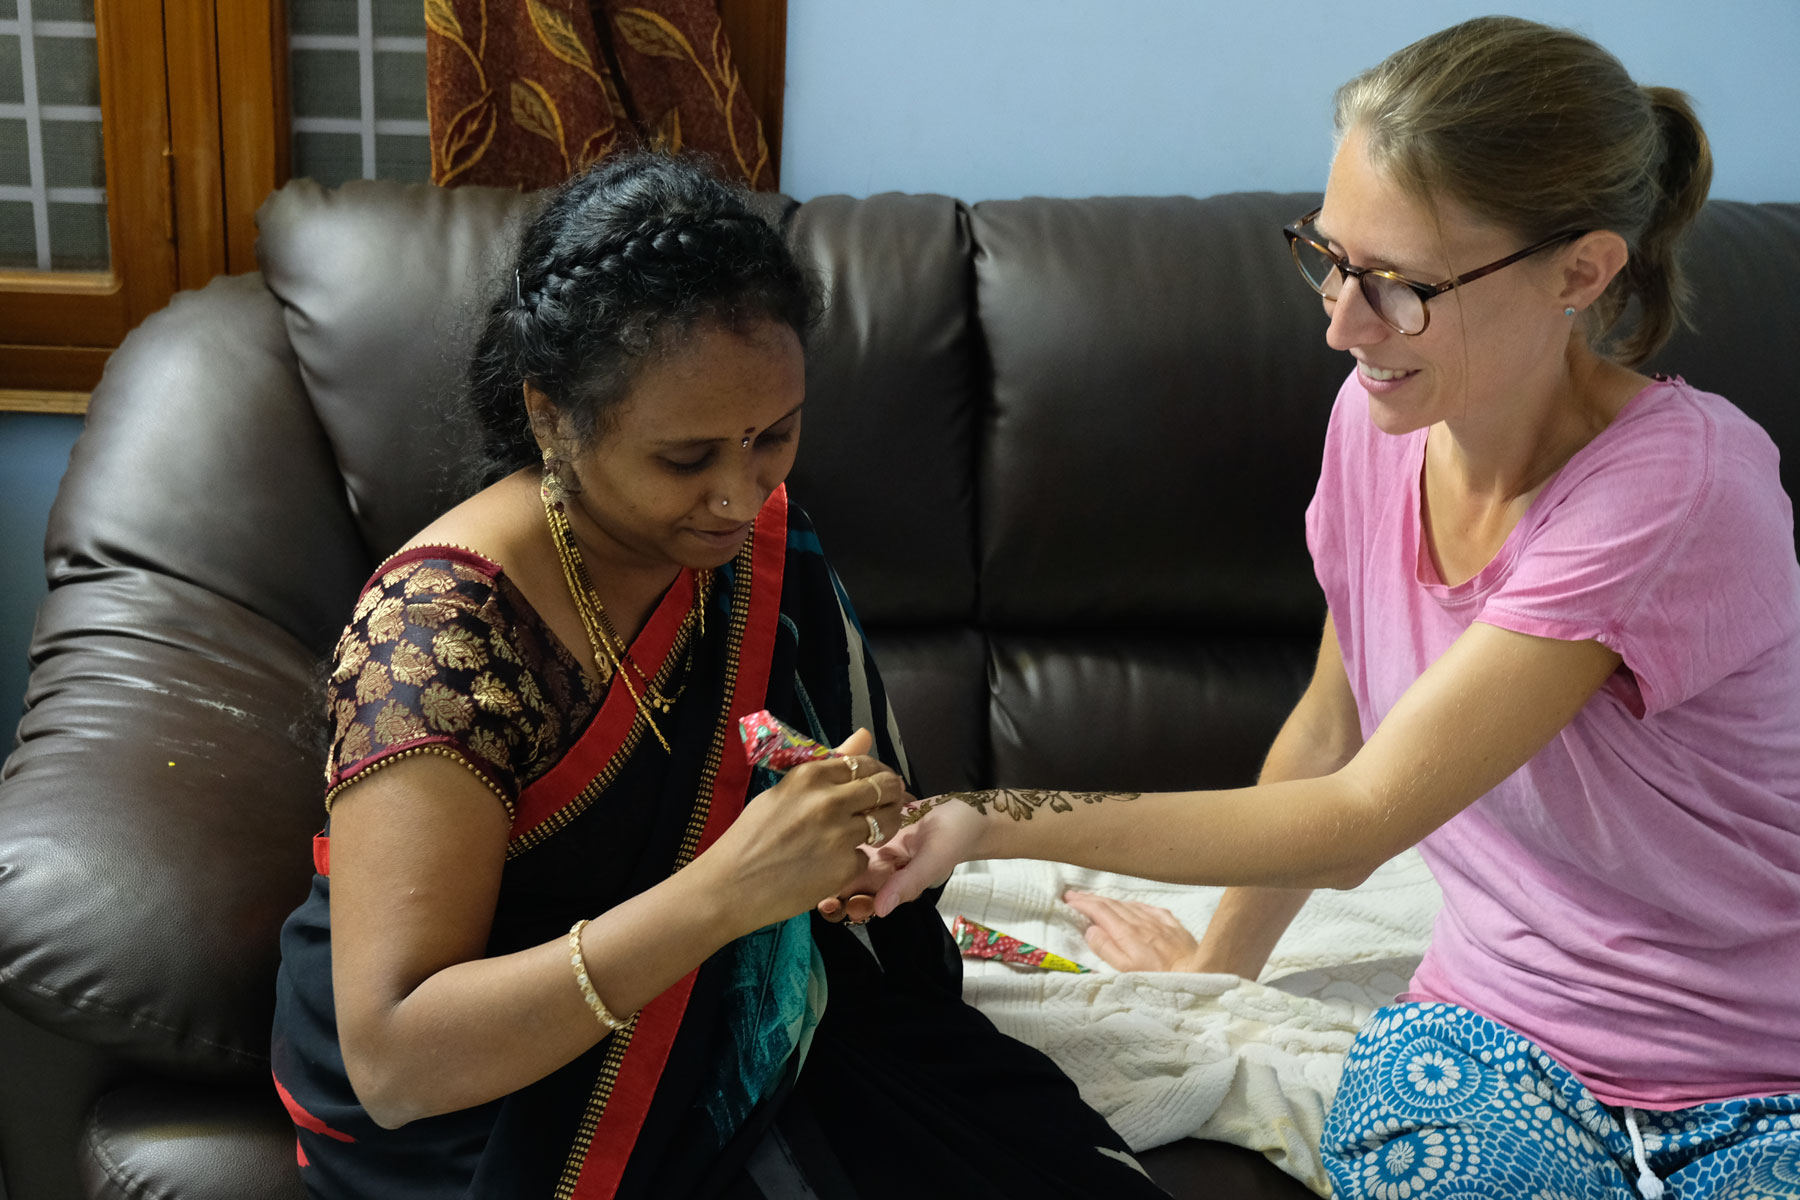 Eine indische Frau malt Leo ein Hennatattoo auf den Arm.